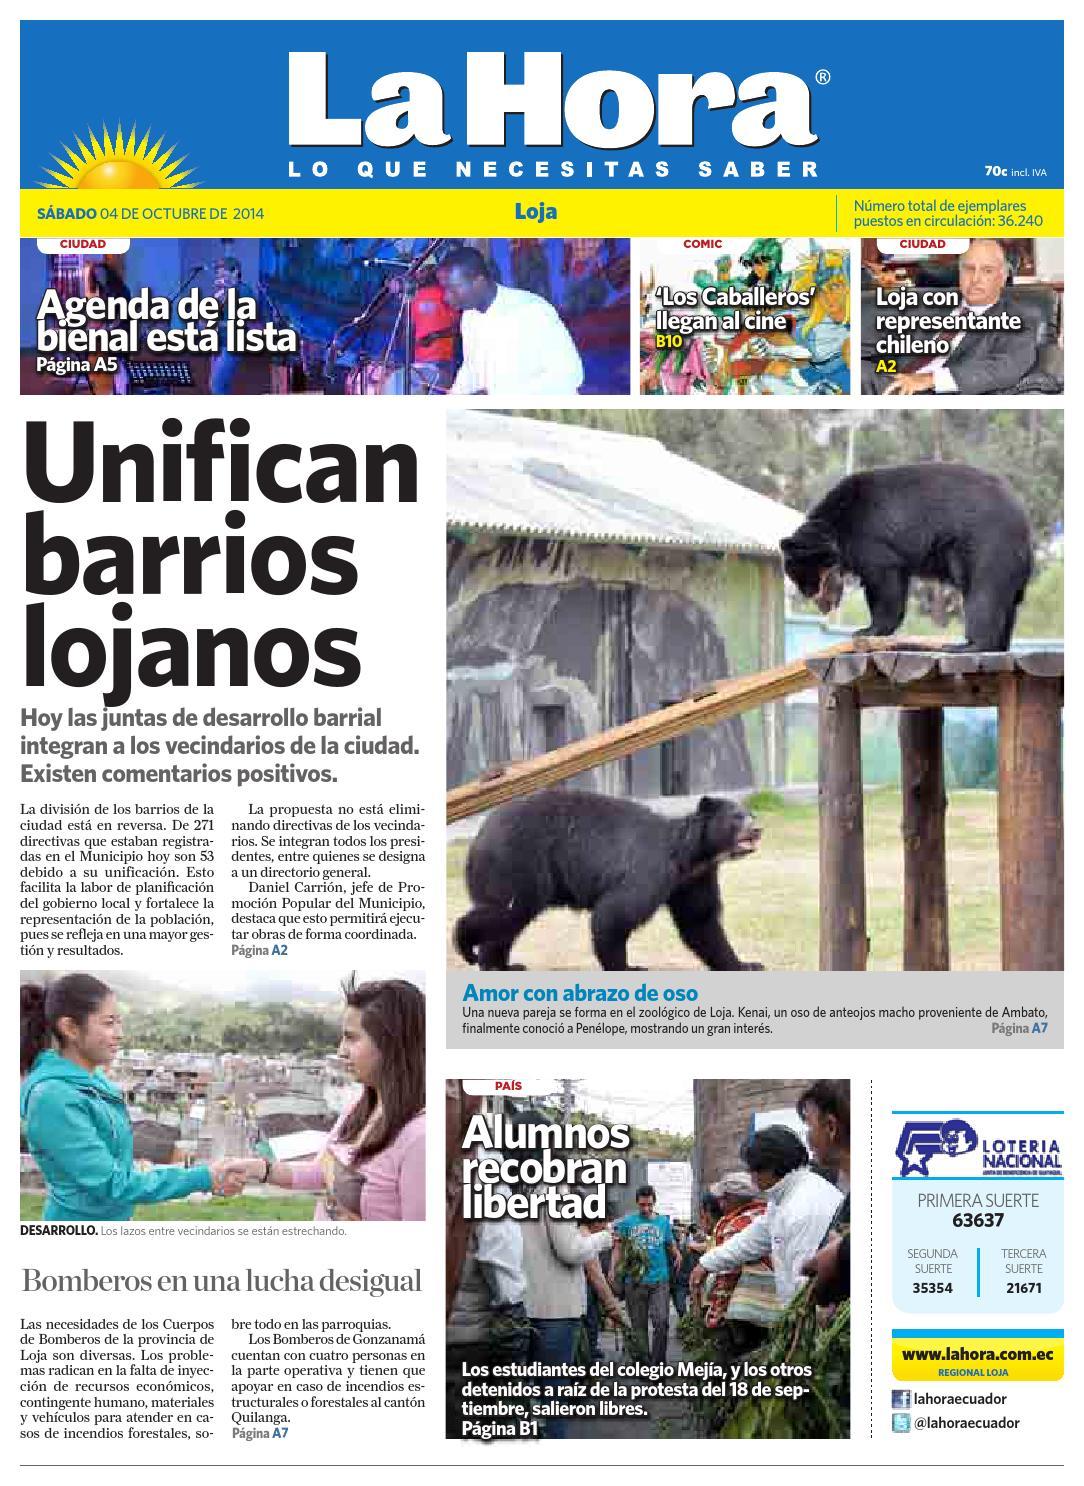 Diario La Hora Loja 04 de Octubre 2014 by Diario La Hora Ecuador - issuu